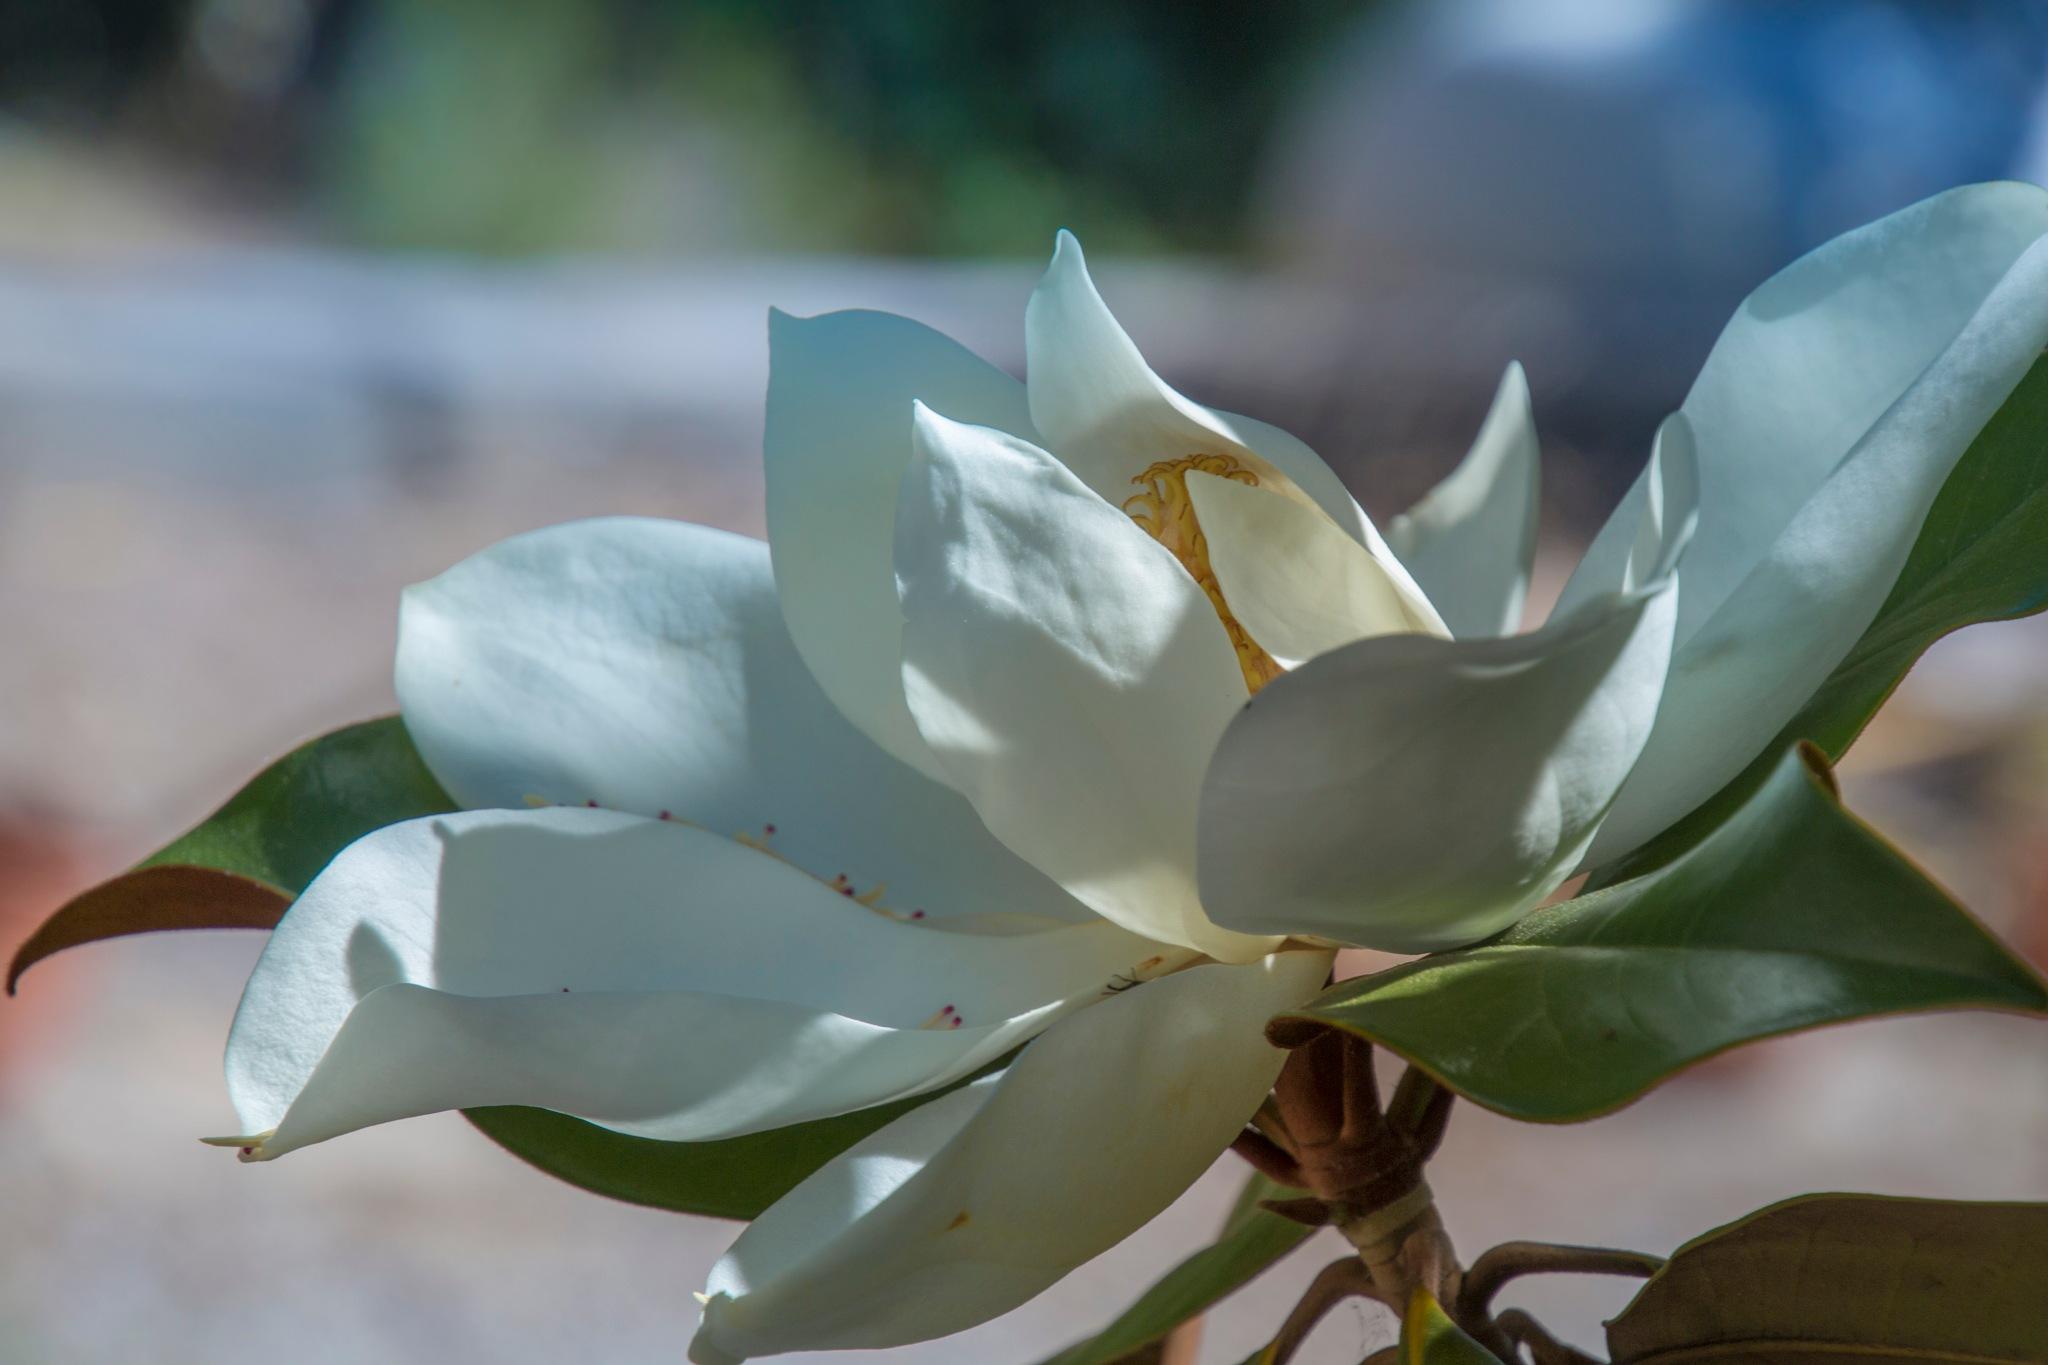 magnolia by carmenvich